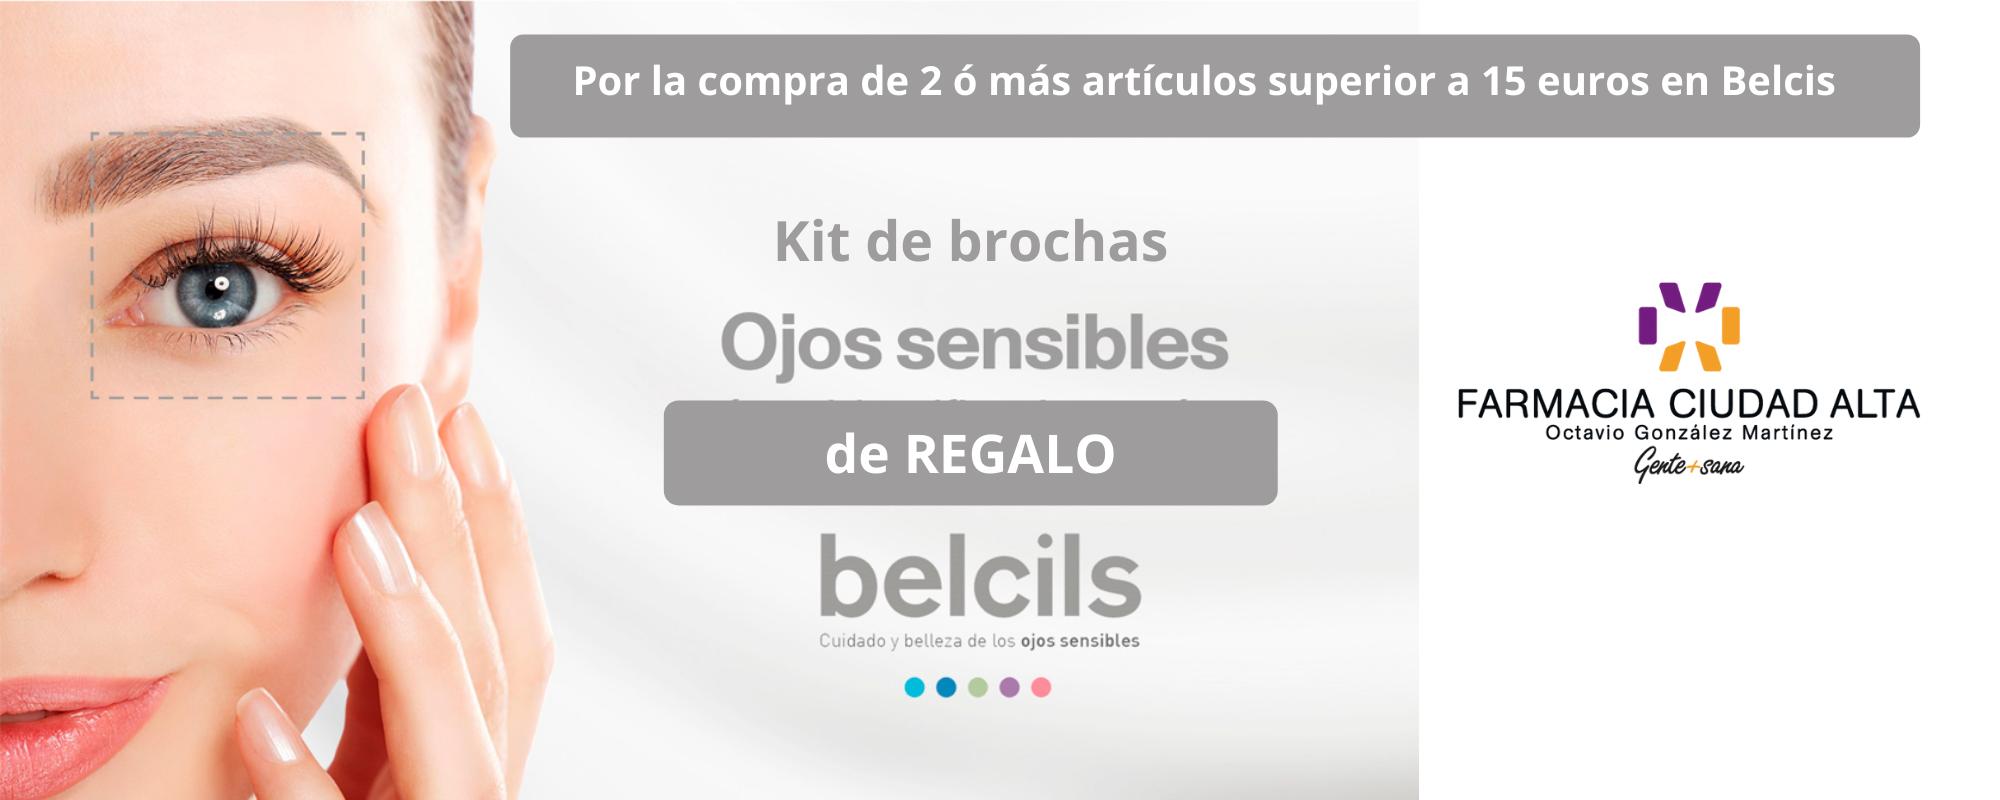 Kit de brochas de ojos sensibles belcils de regalo en Farmacia Ciudad Alta